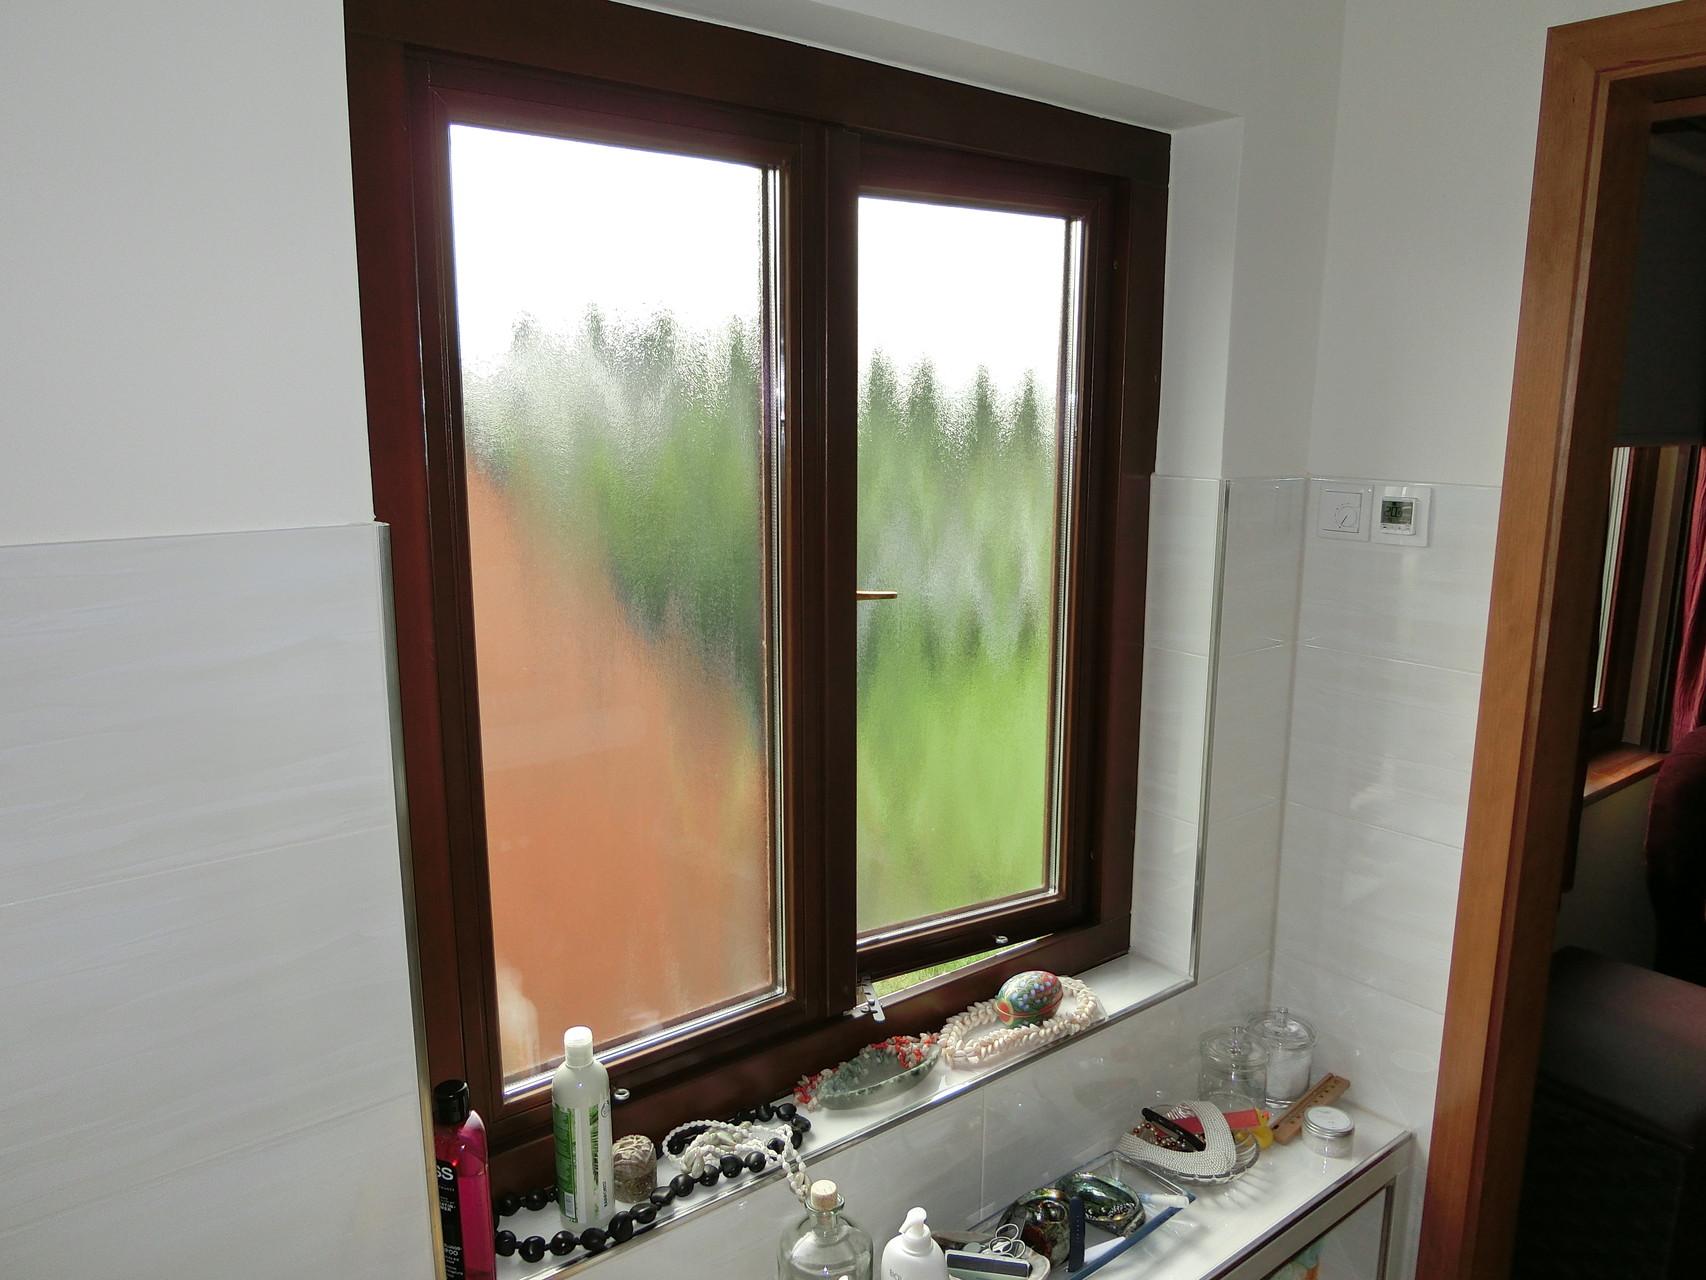 Holz-Fenster nach außen öffnend